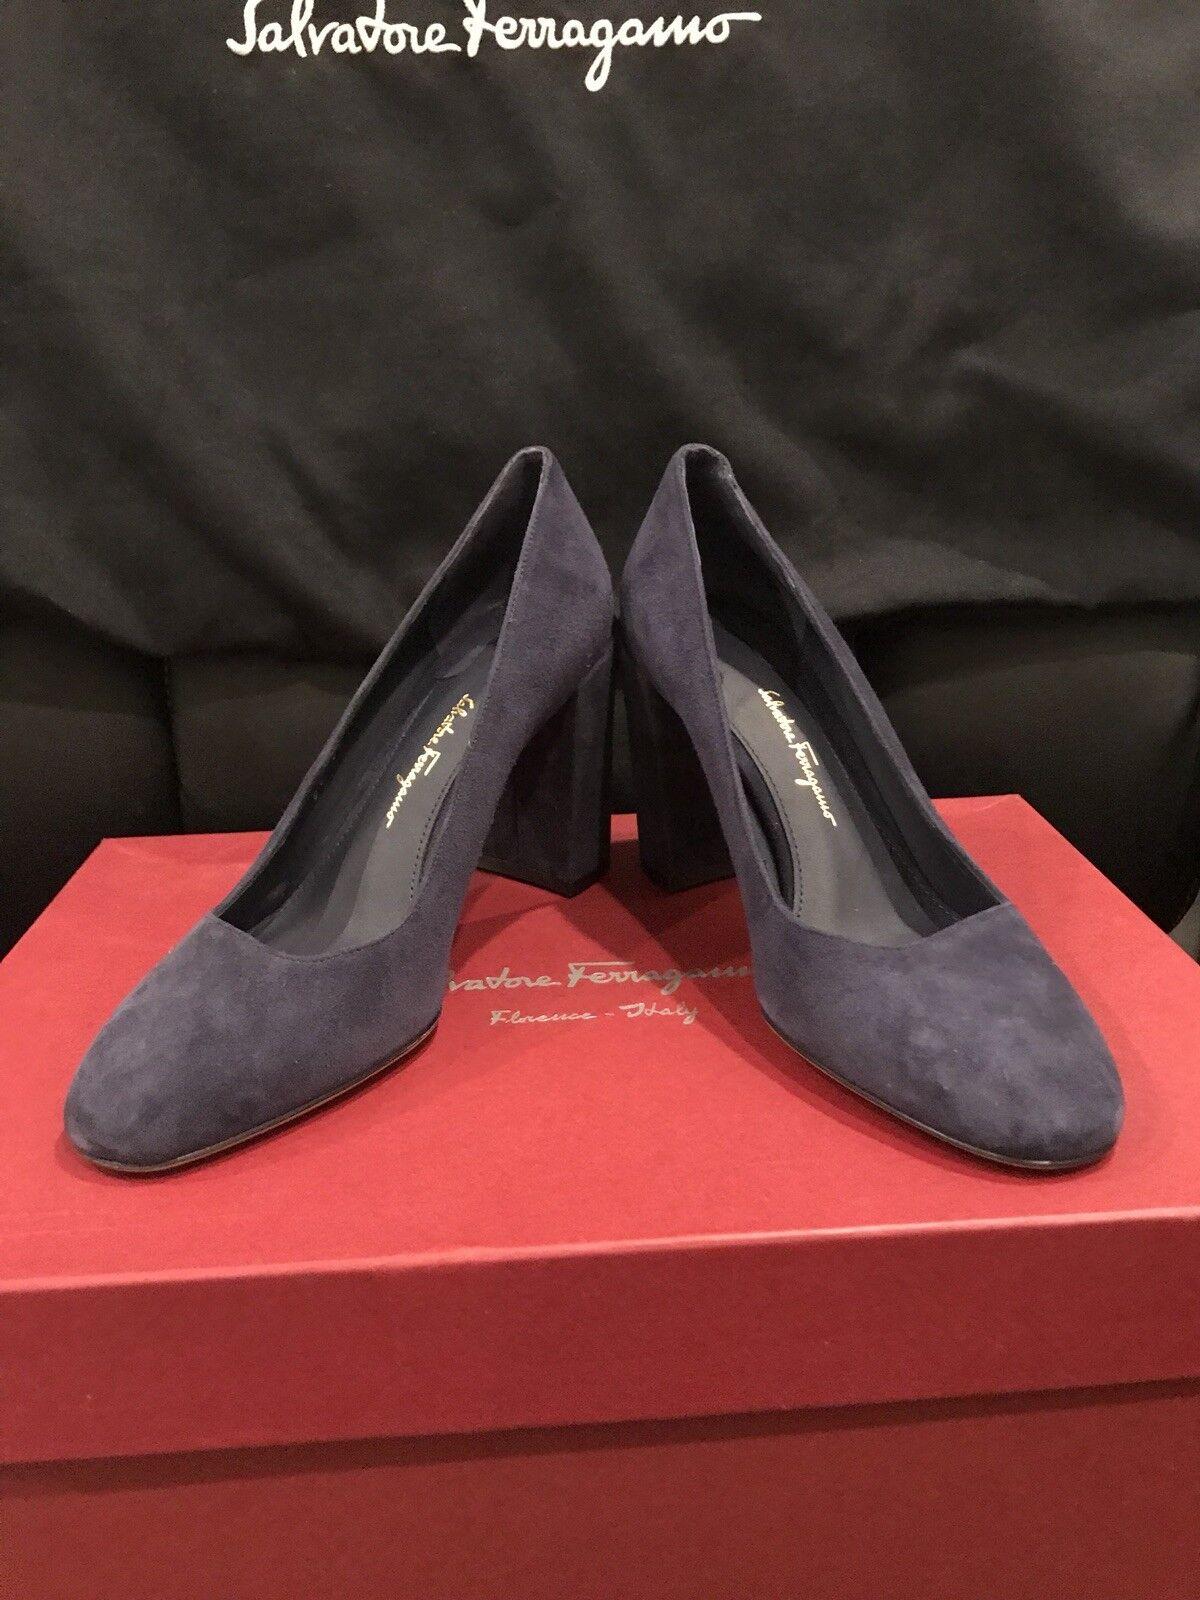 Salvatore Ferragamo Arezzo 85 Gli azul Suede Mujer Zapatos Caja Talla 6 B Nuevo En Caja Zapatos 9d7c8a